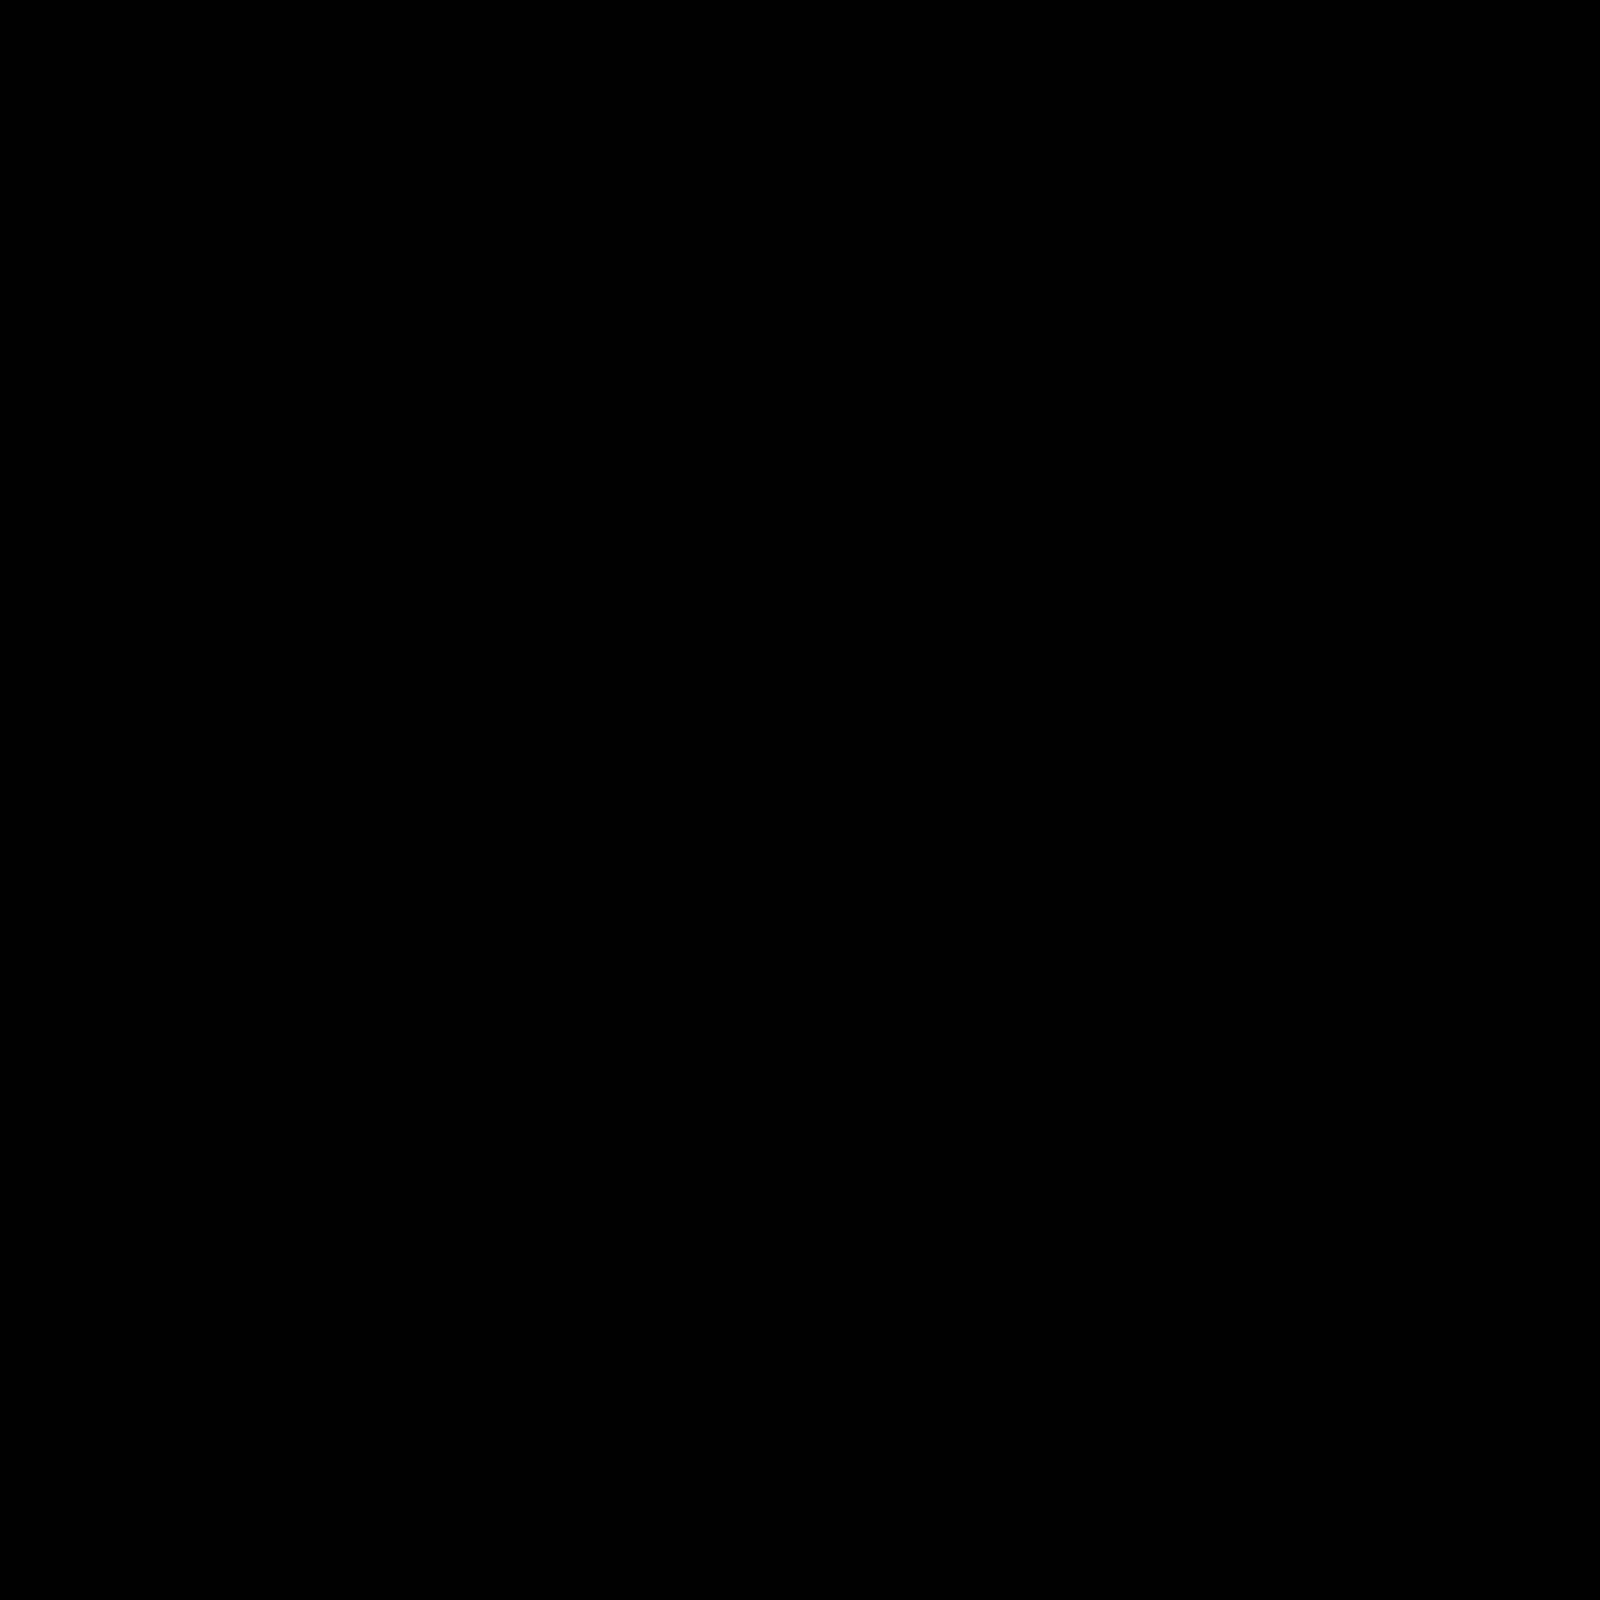 Mitgliedskarte icon